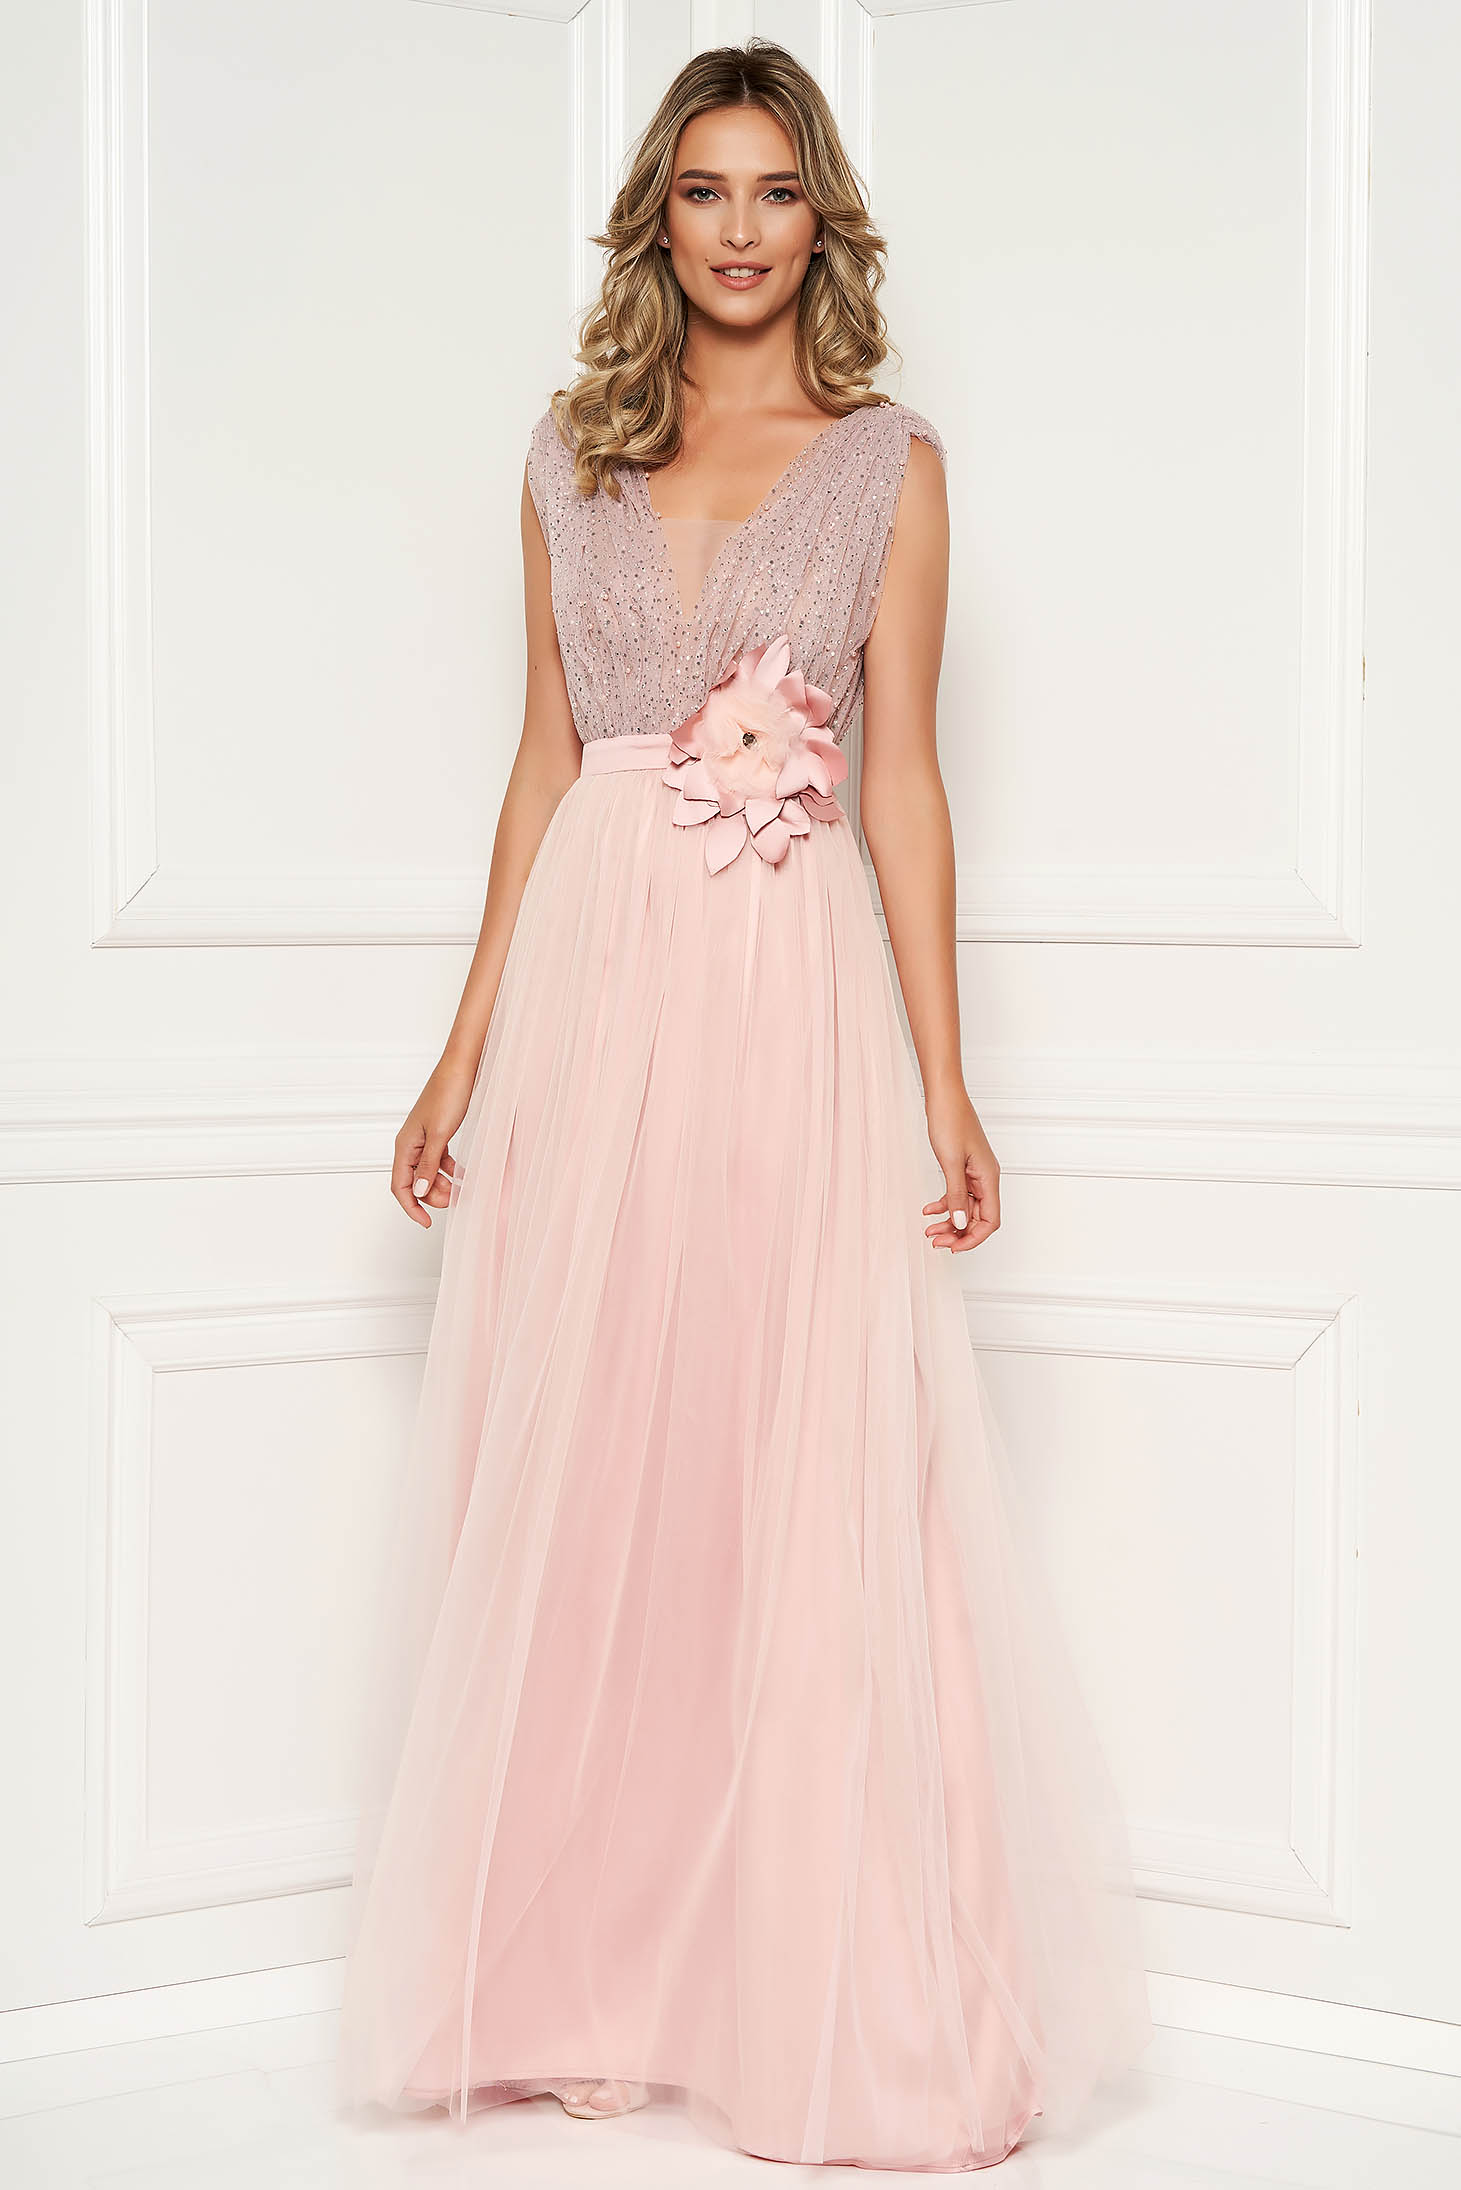 87ca3ca4b0 Világos rózsaszín alkalmi ruha strassz köves díszítés mély dekoltázs